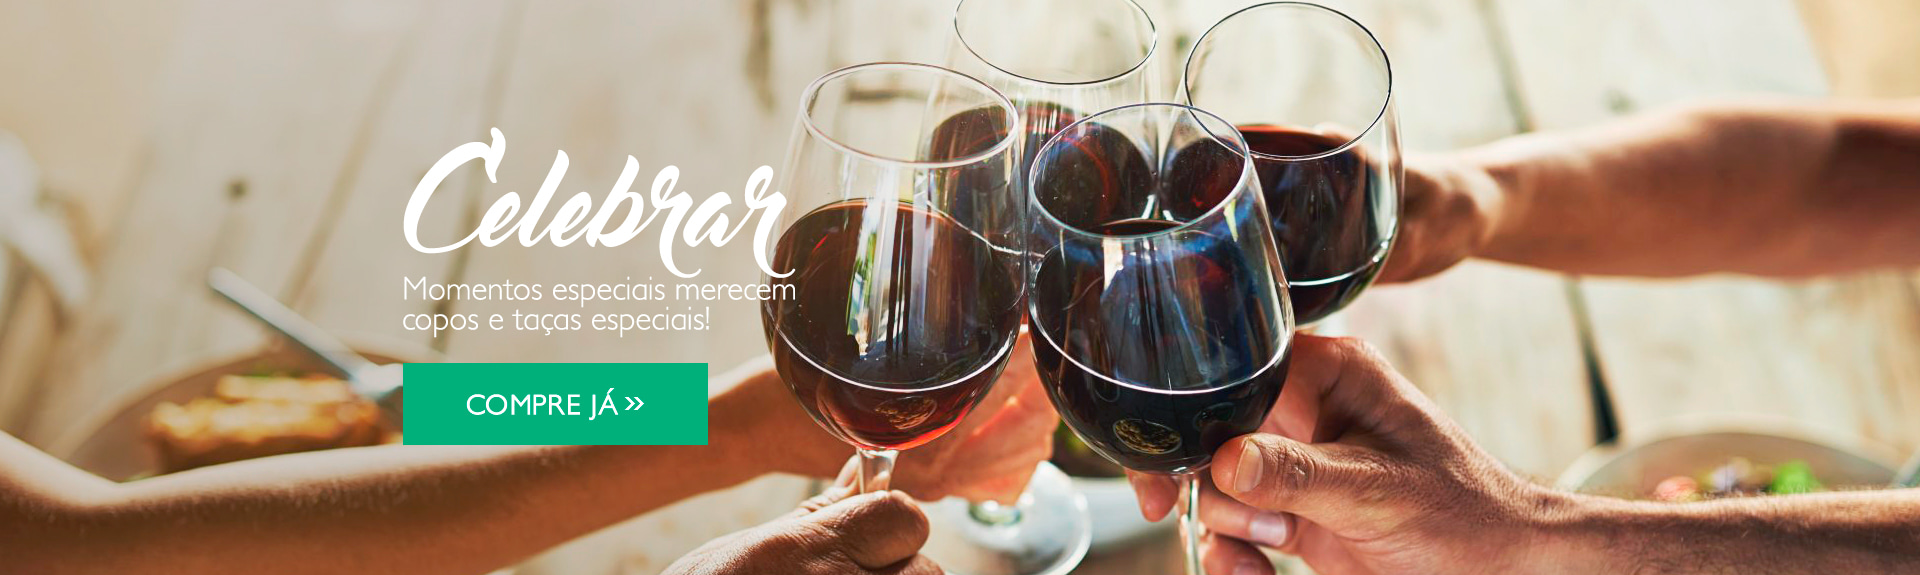 CELEBRAR: Momentos especiais merecem copos e taças especiais >>